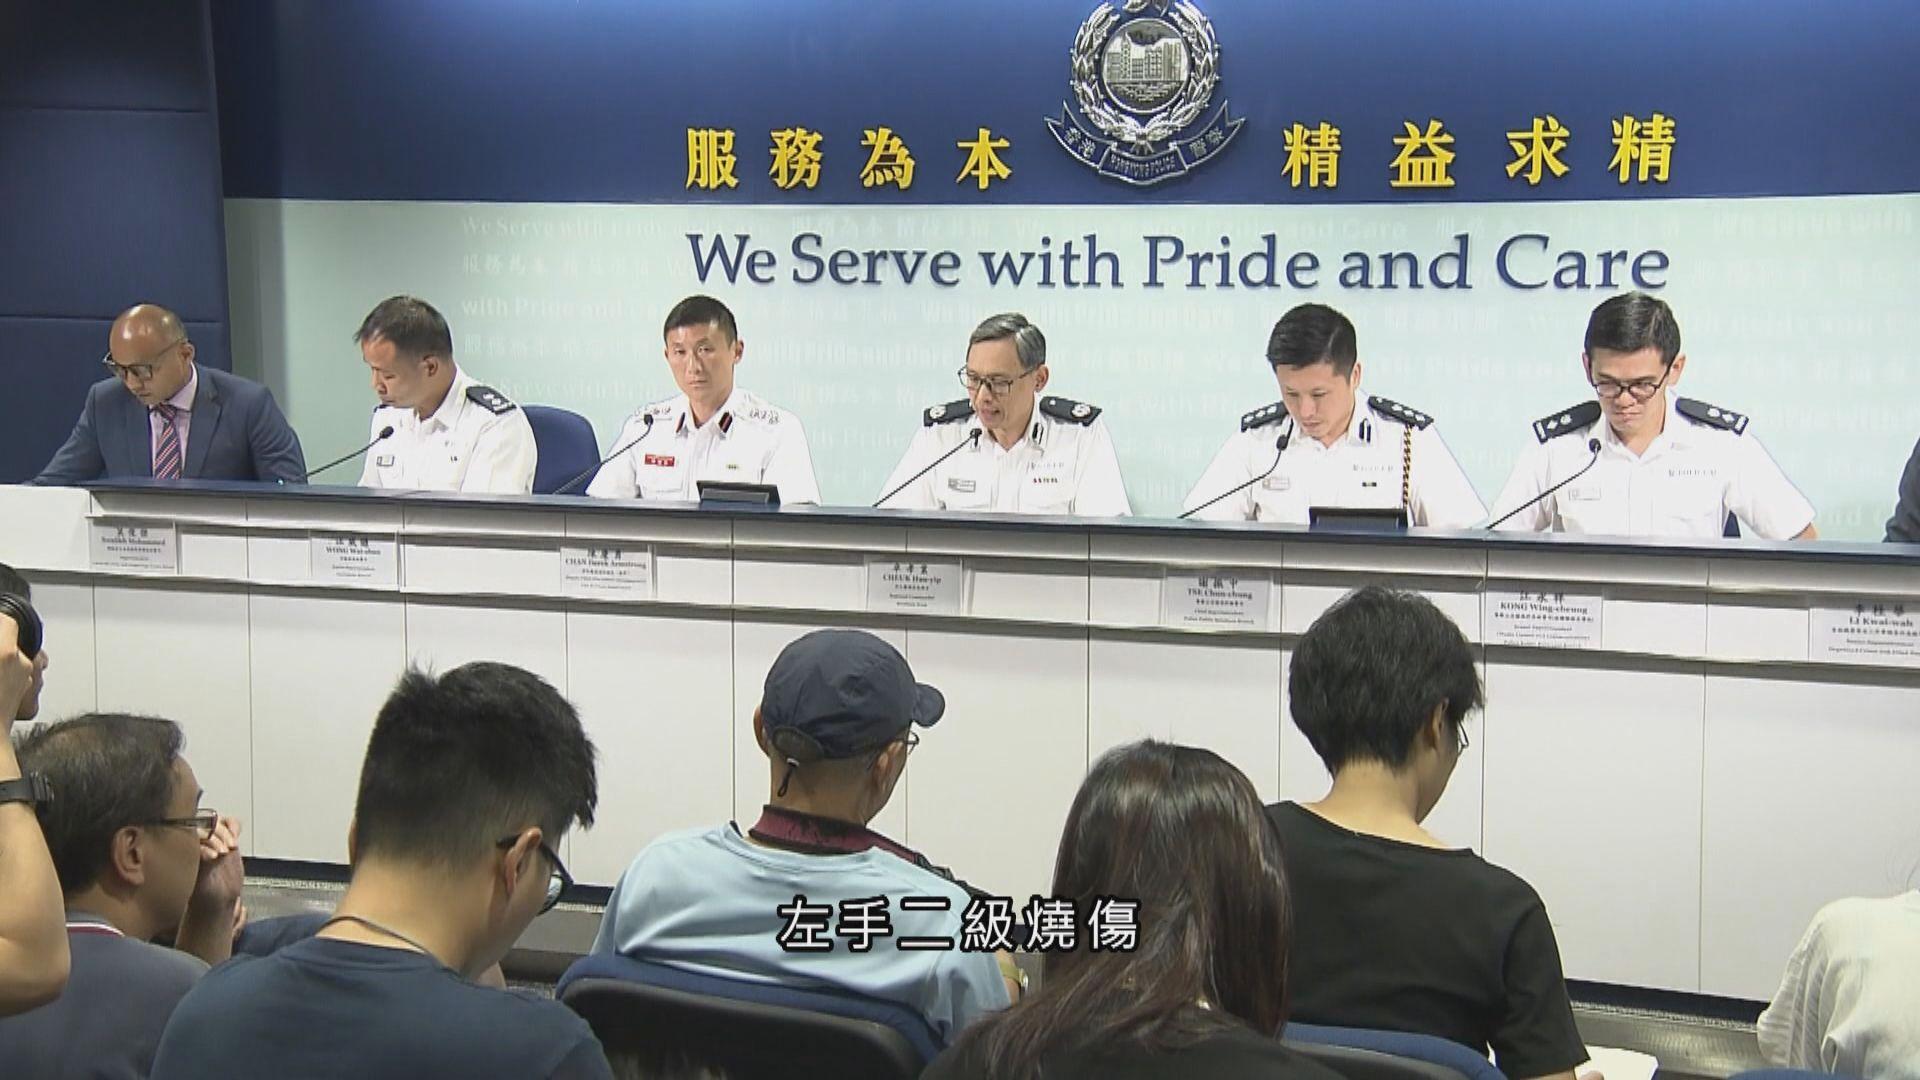 警方向穆斯林社群及其他受影響群體致歉